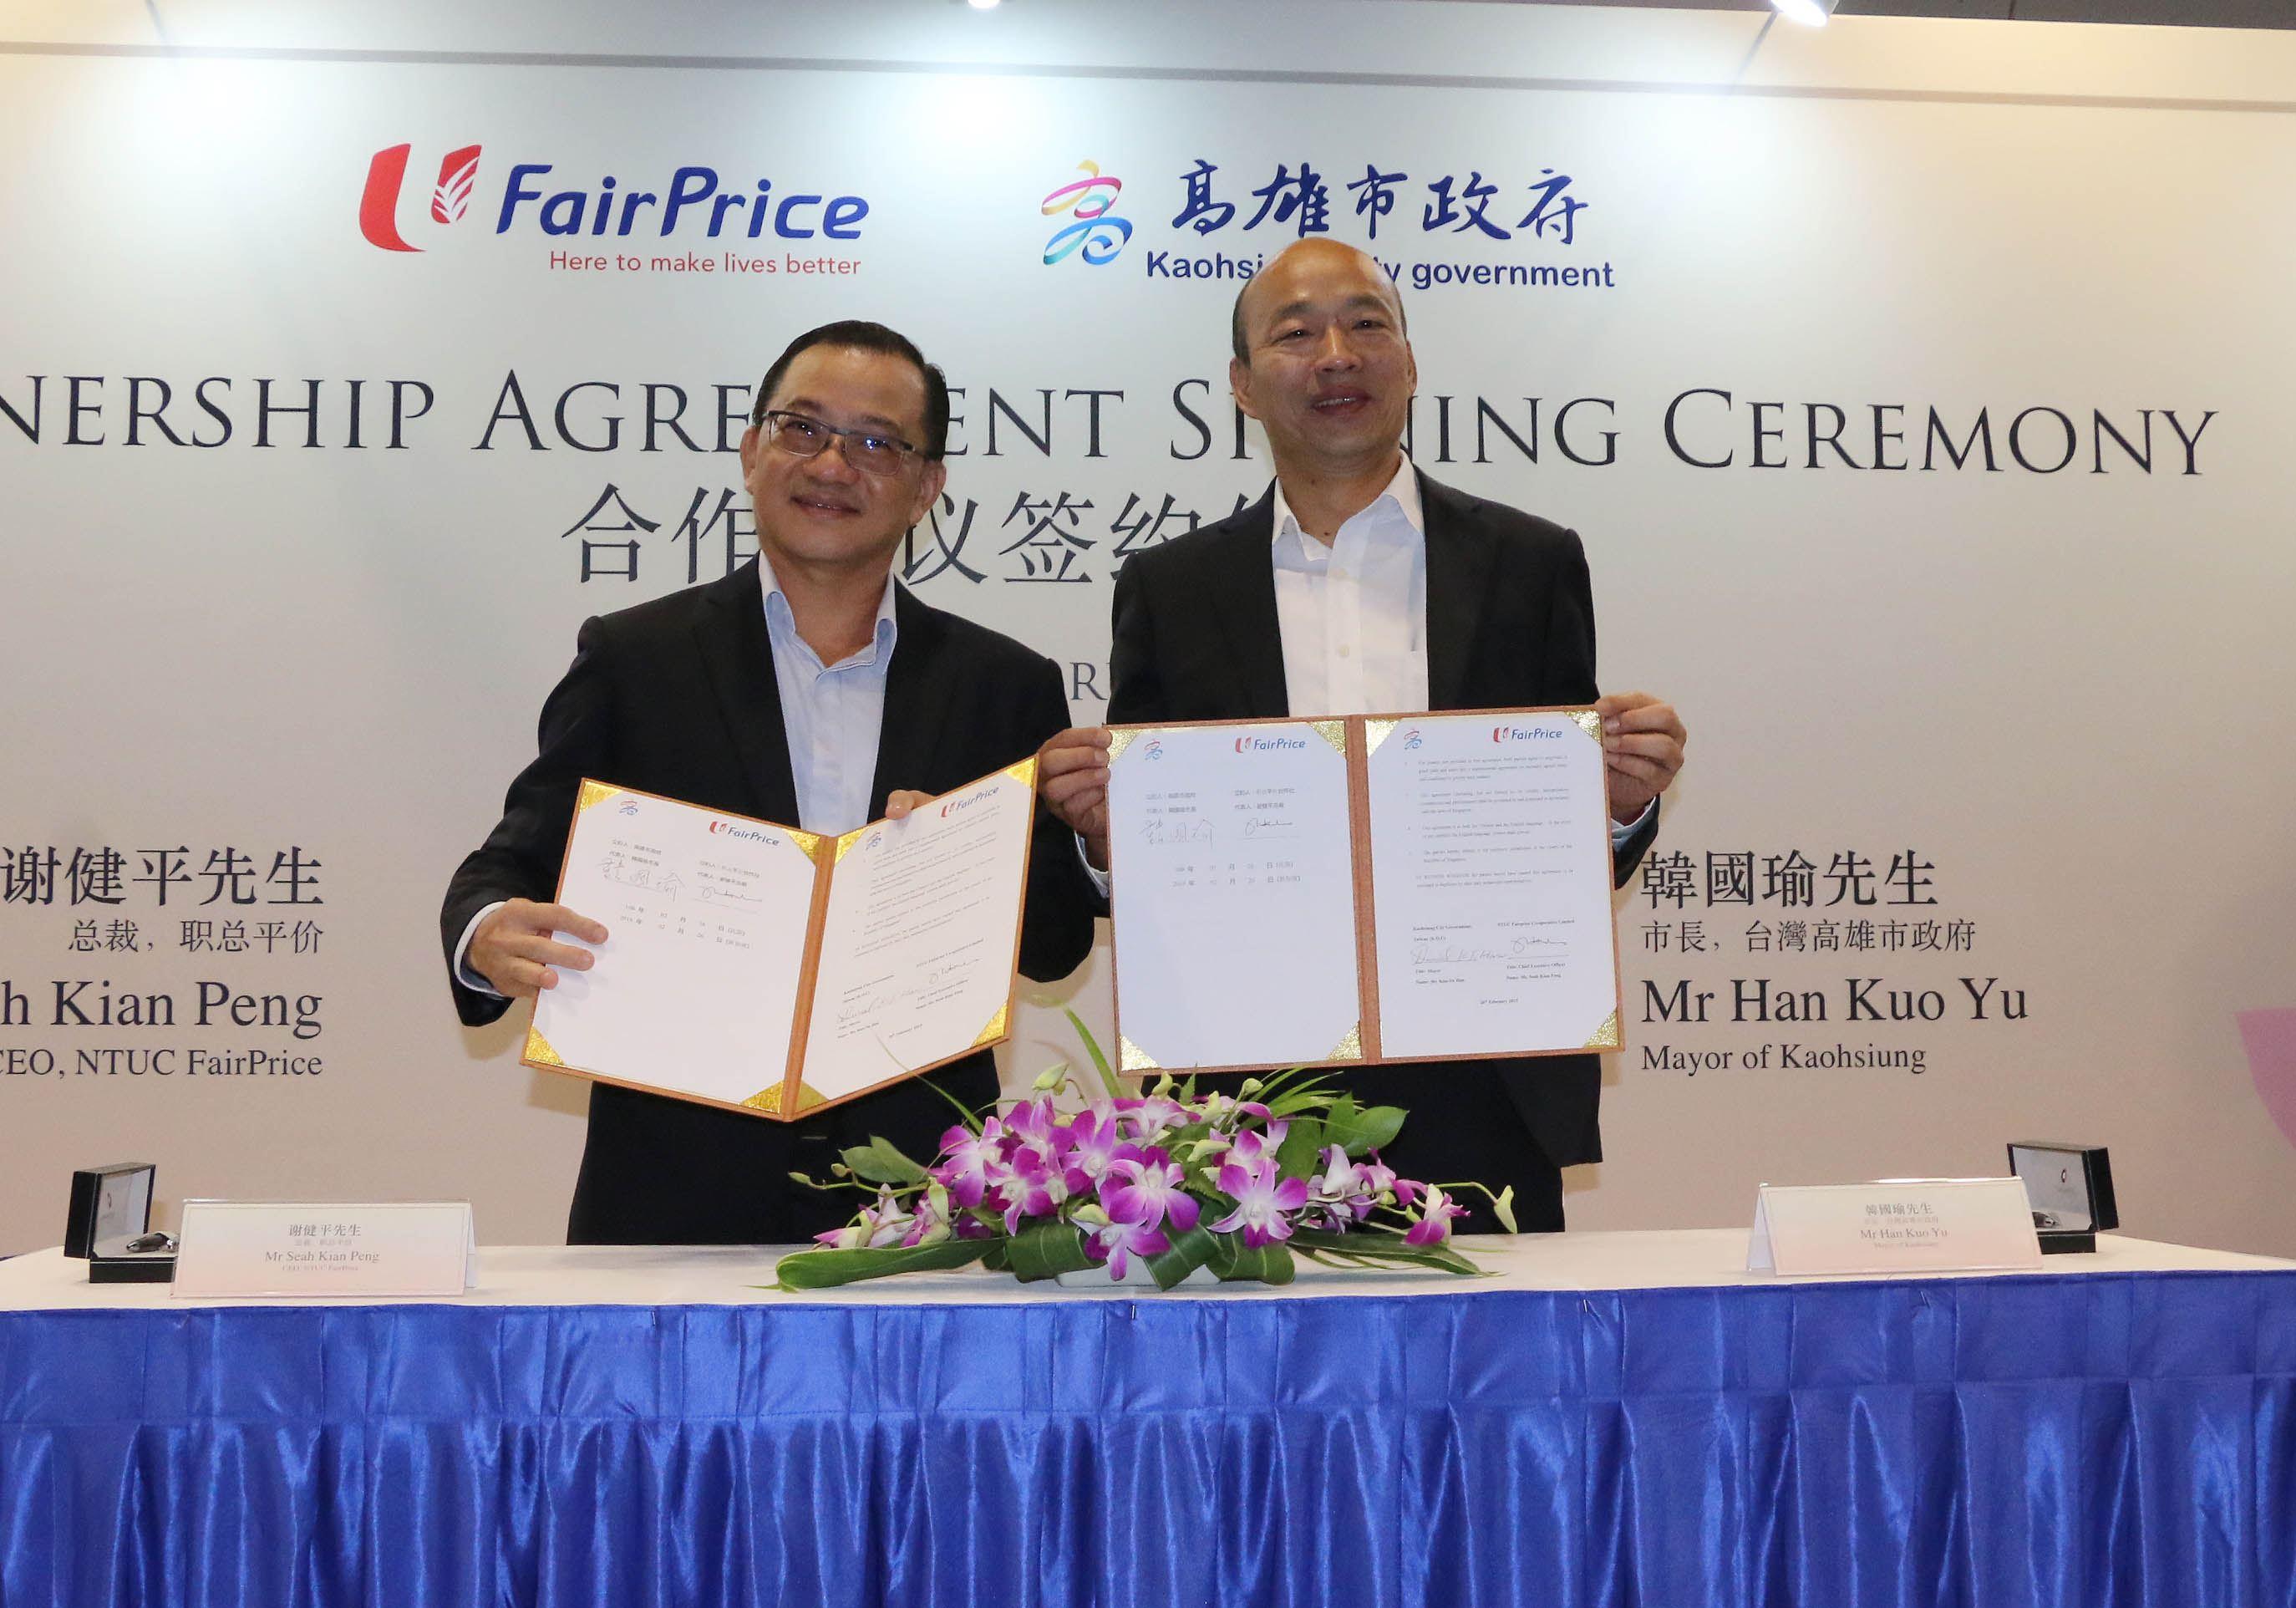 20190226韓國瑜赴星拓銷農產 與FairPrice簽訂長期合約-通稿四.JPG.jpg